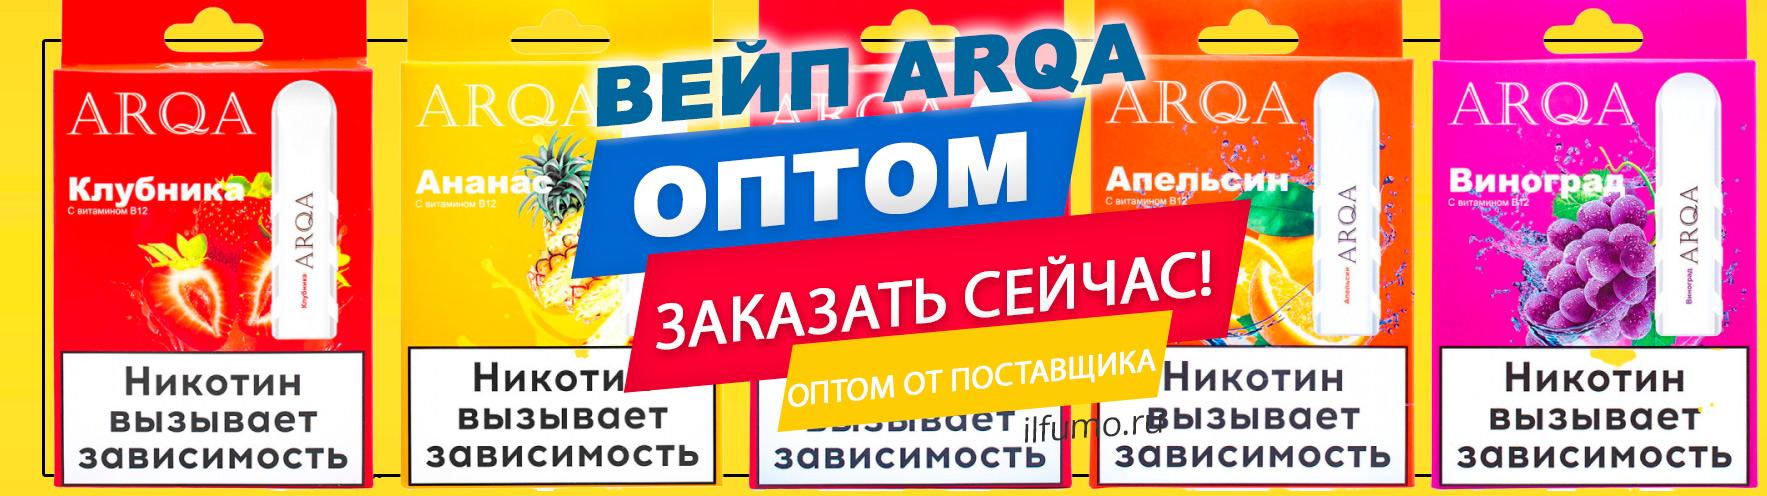 vejp arqa - Вейп ARQA